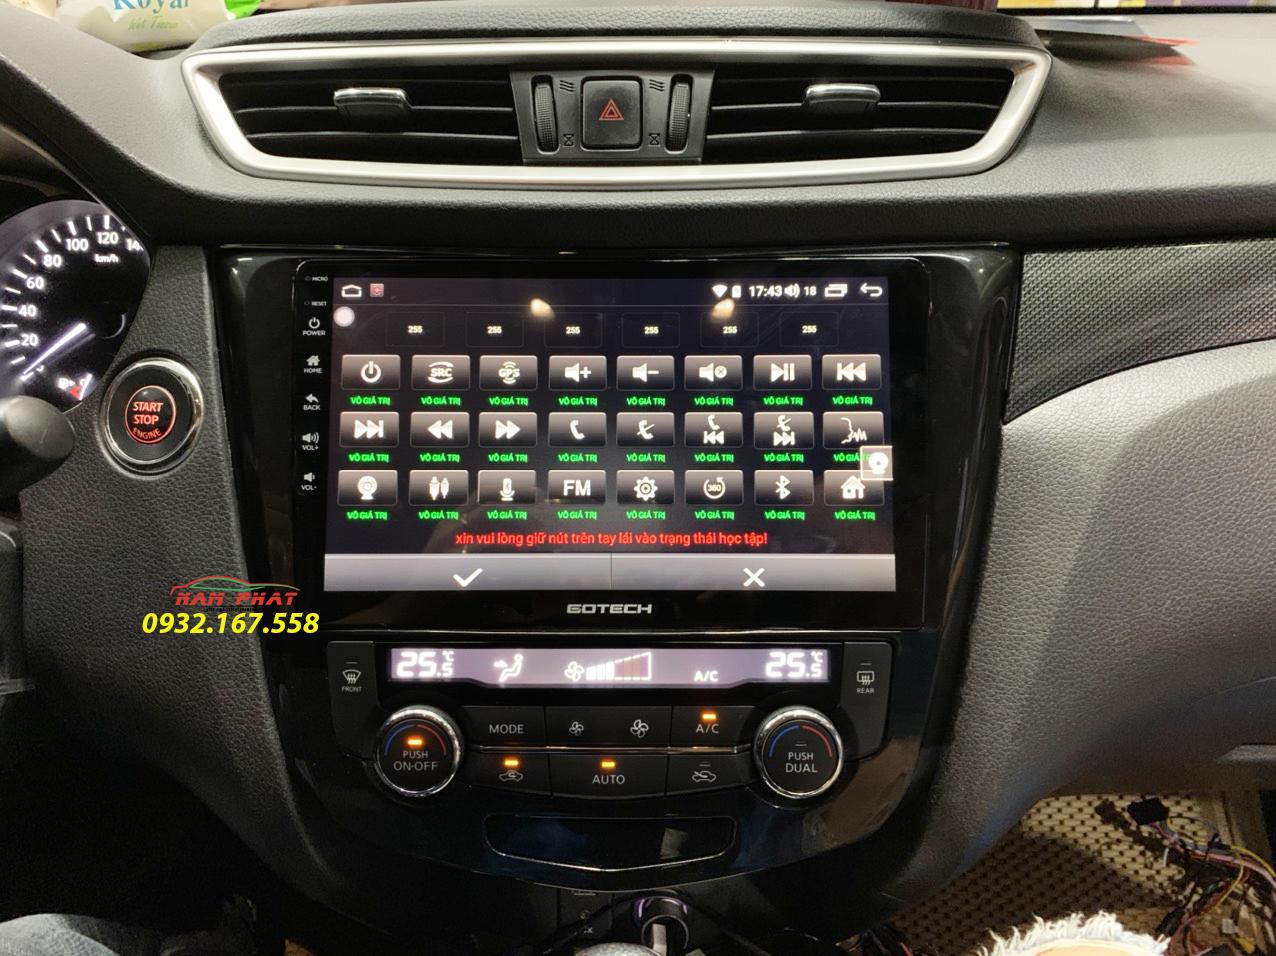 Màn hình Gotech cho xe Nissan X-Trail